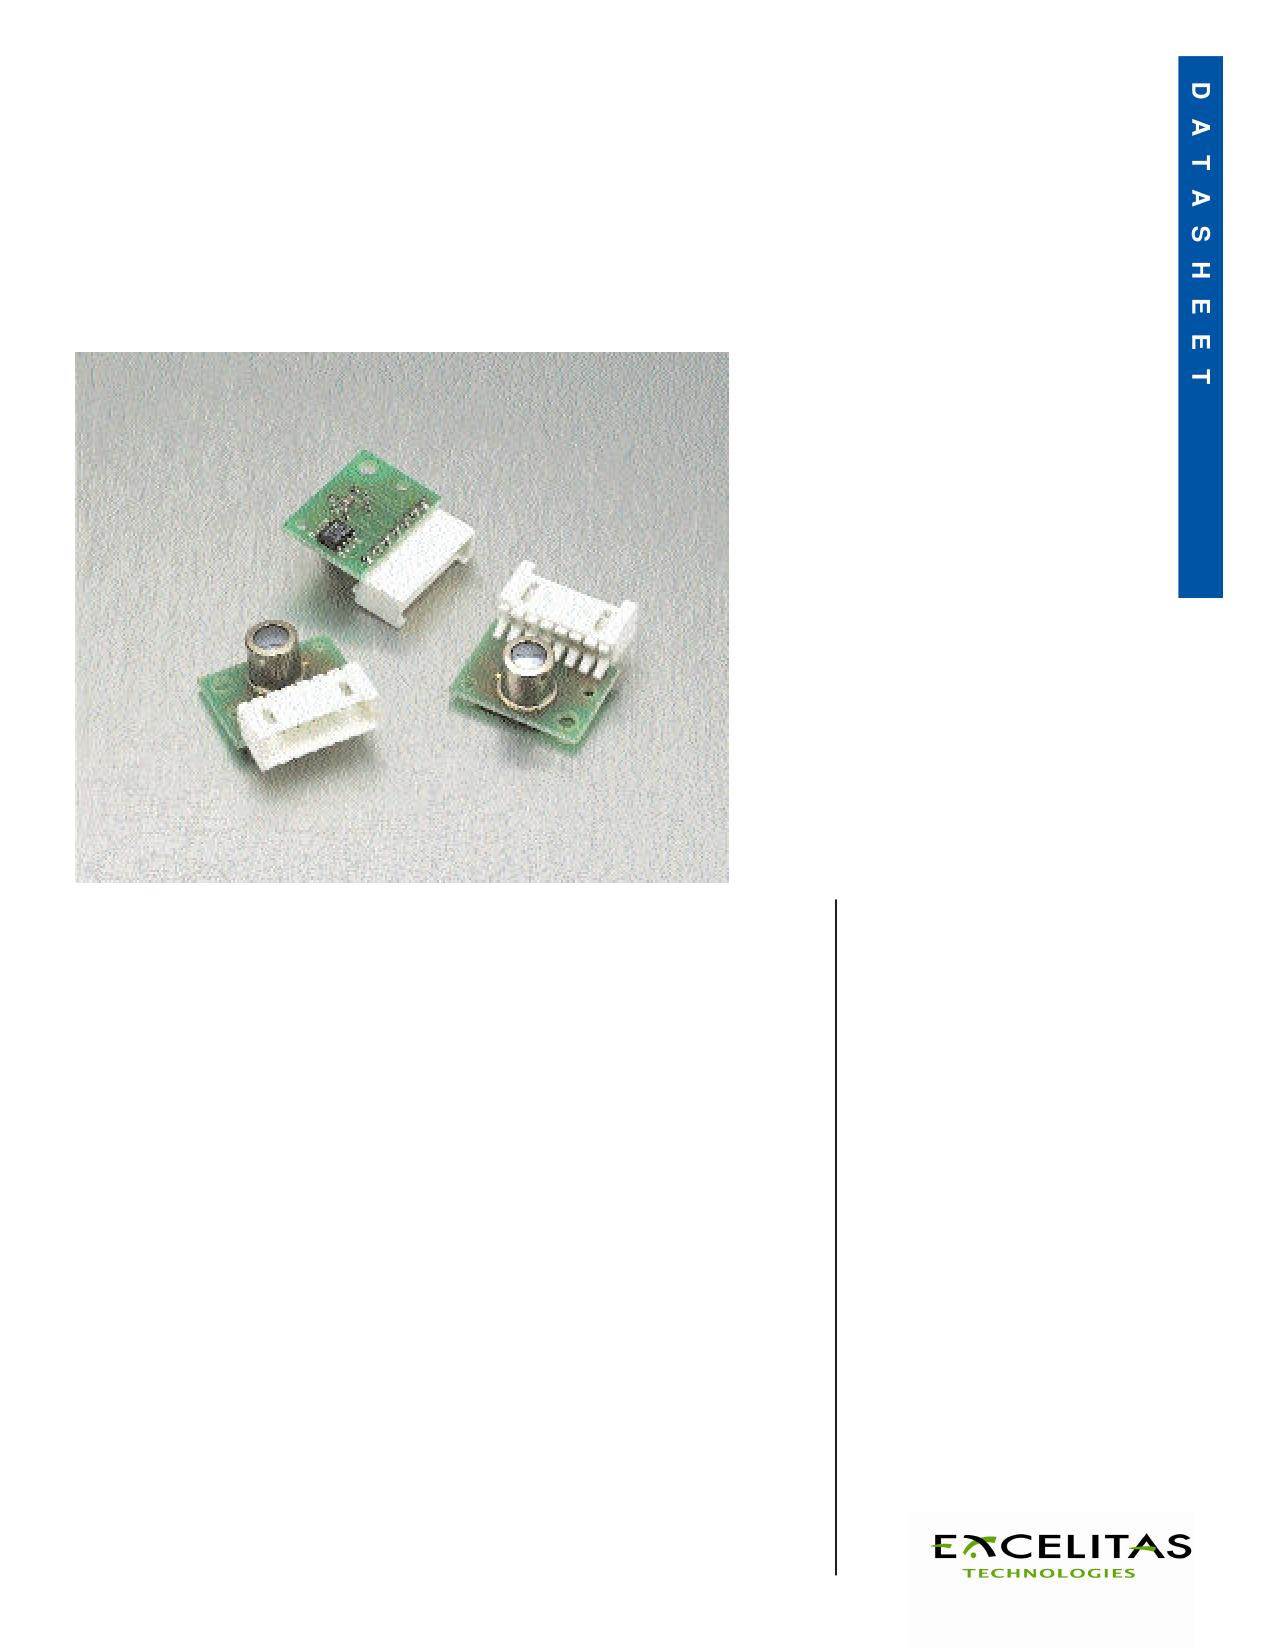 TPLM086L5.5 datasheet